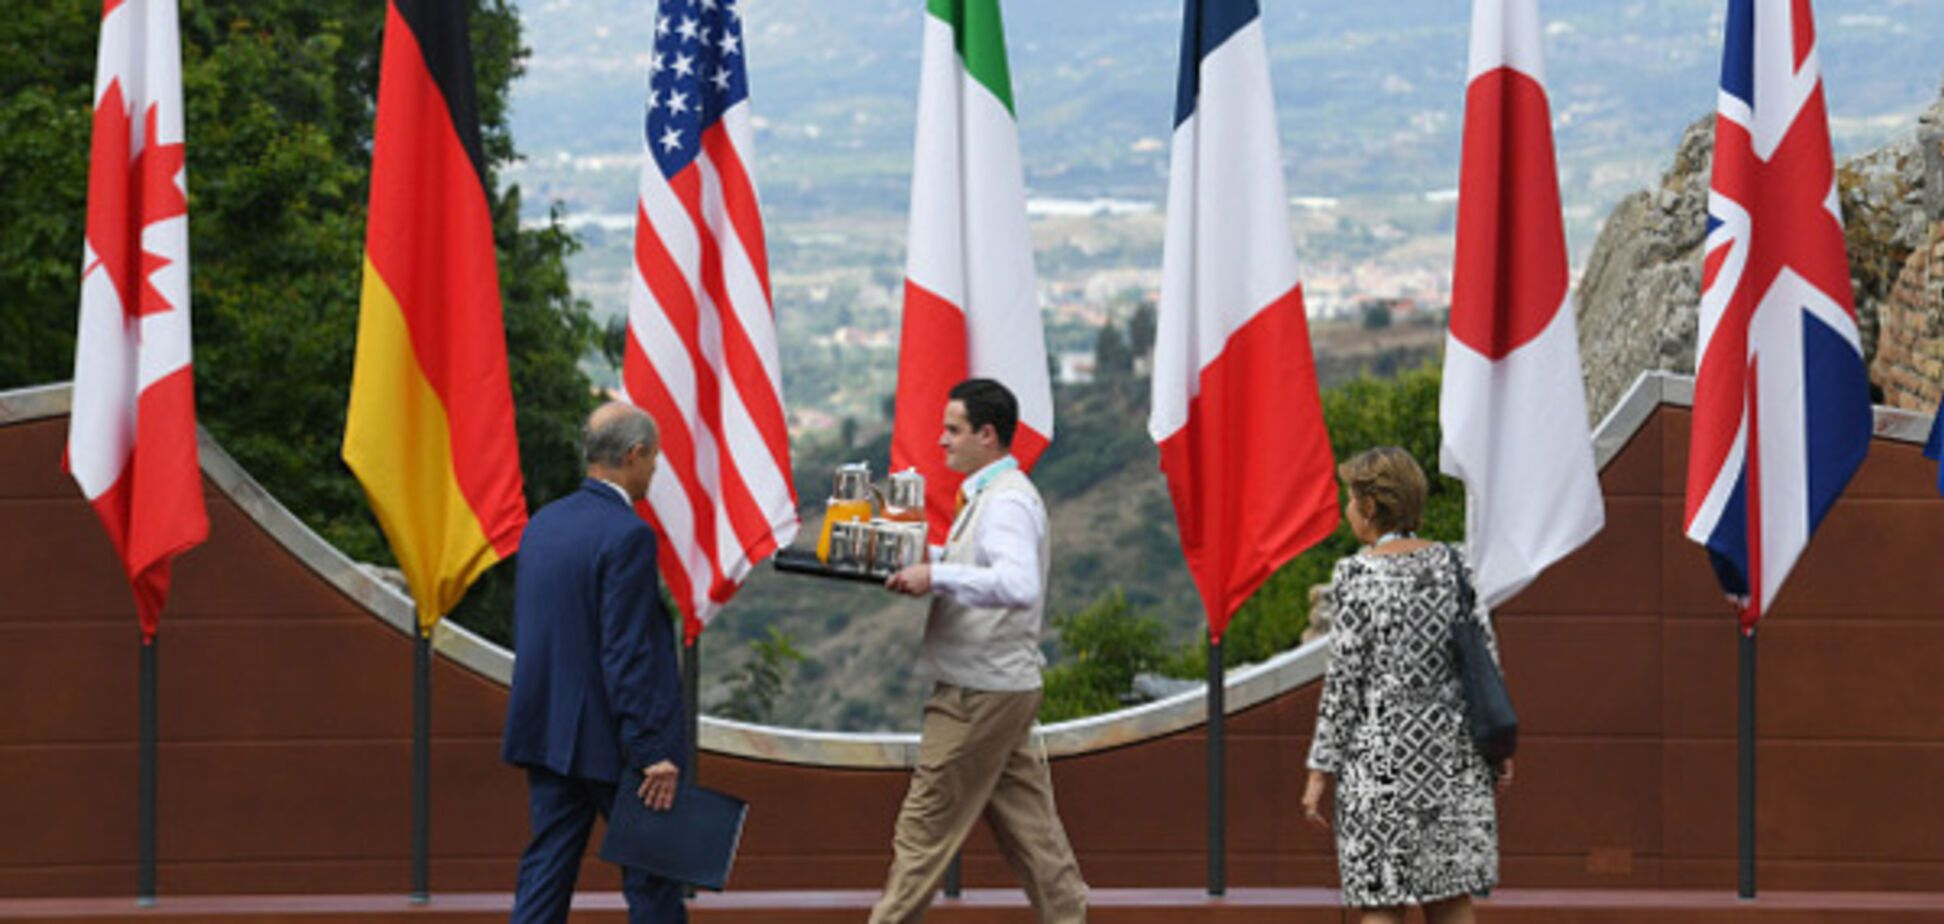 'Большая семерка' собирается в Италии: главные темы саммита